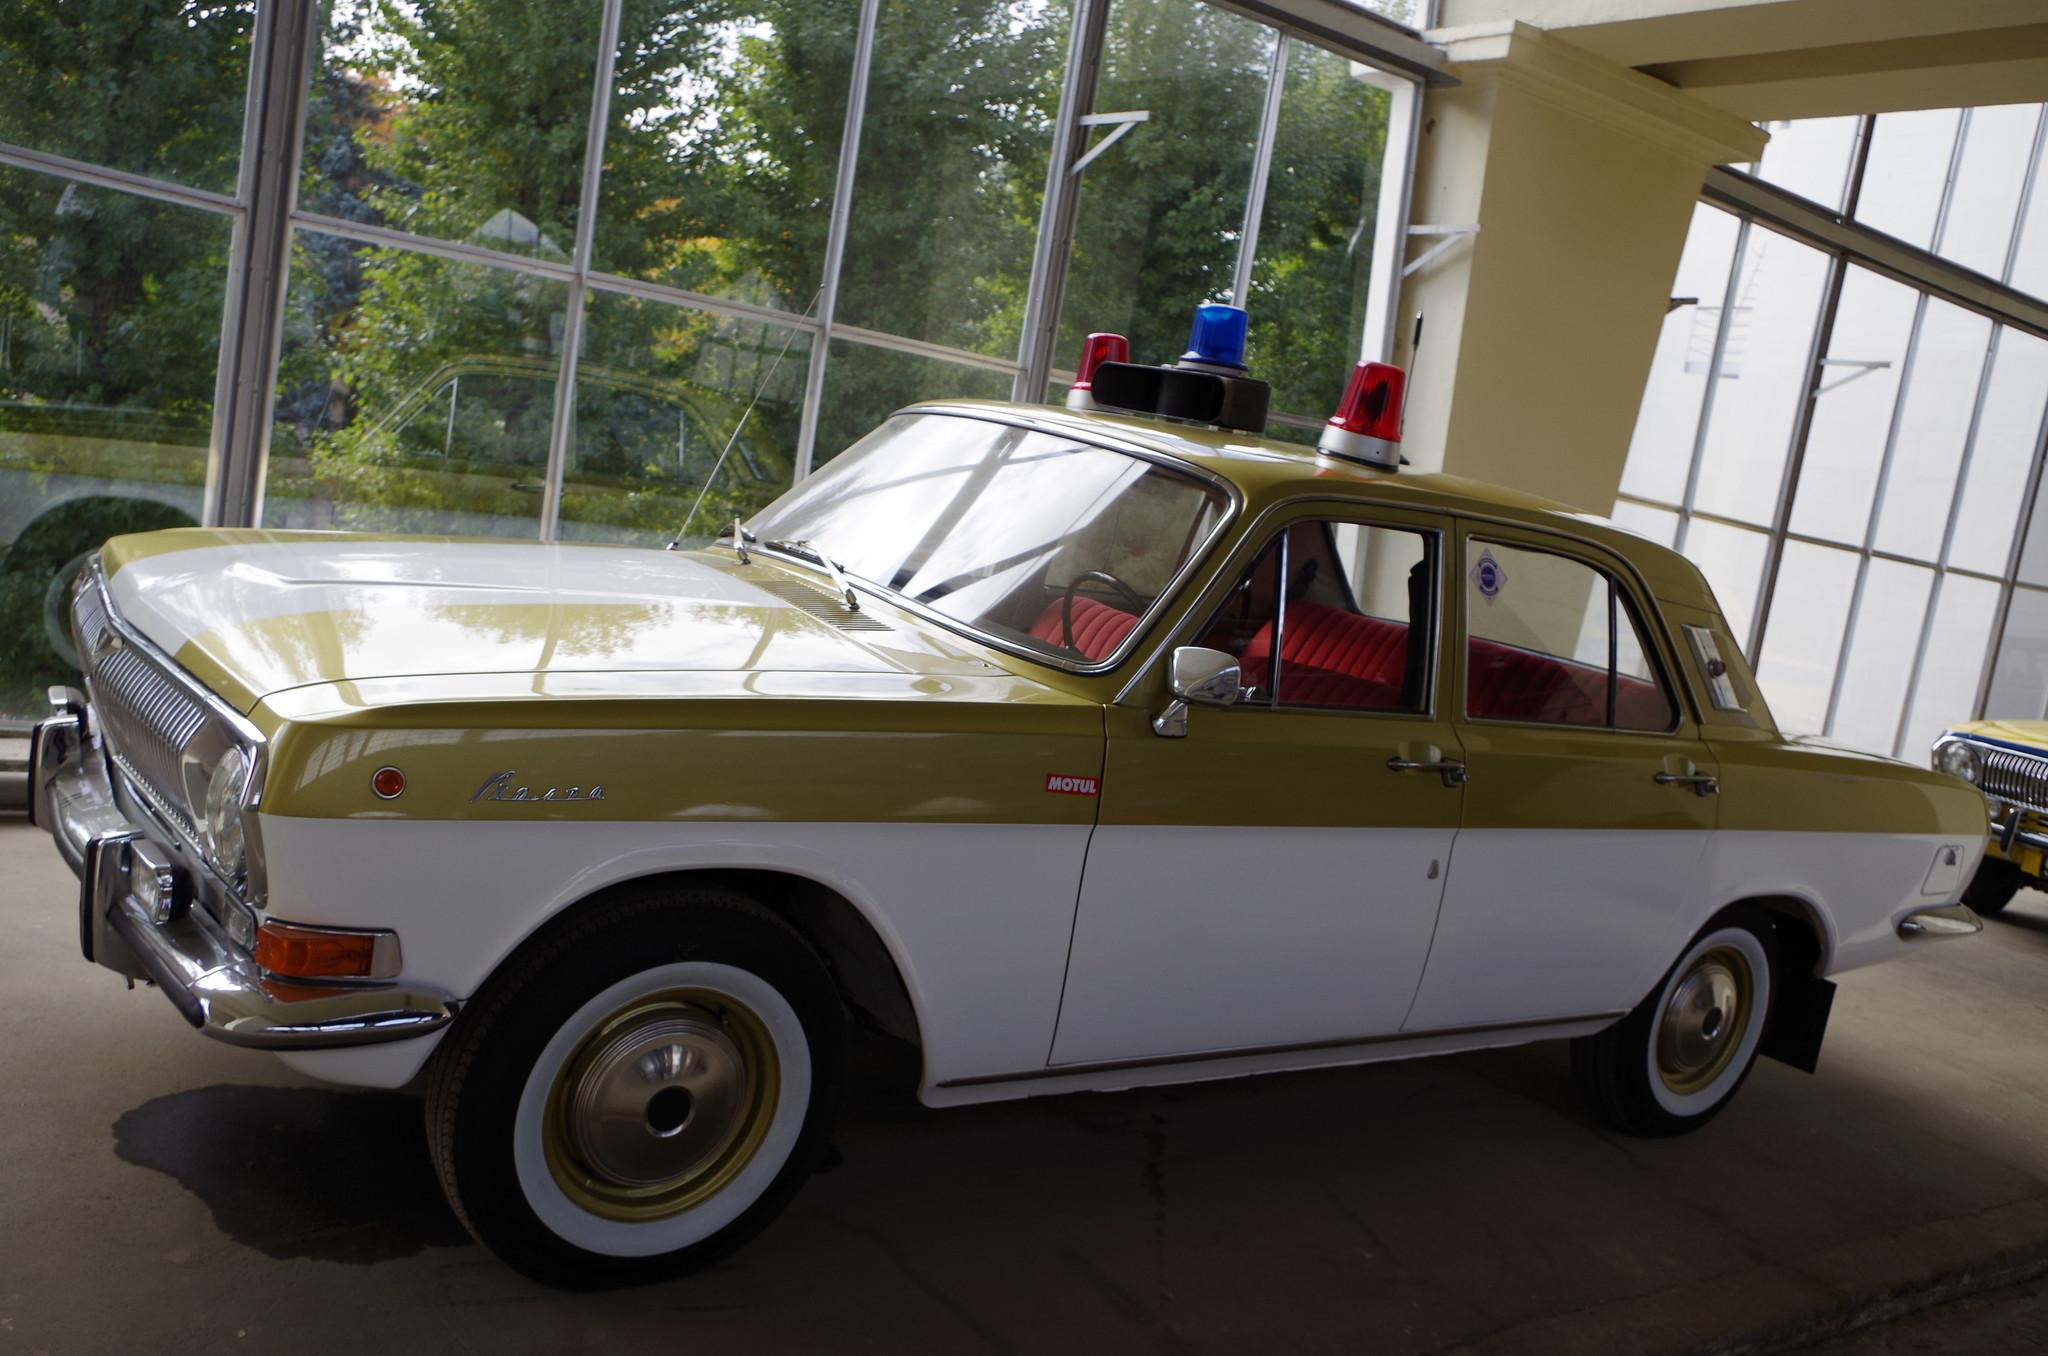 ГАЗ-24 «Волга». Автомобиль экскорта олимпийского огня XXII летних олимпийских игр в Москве